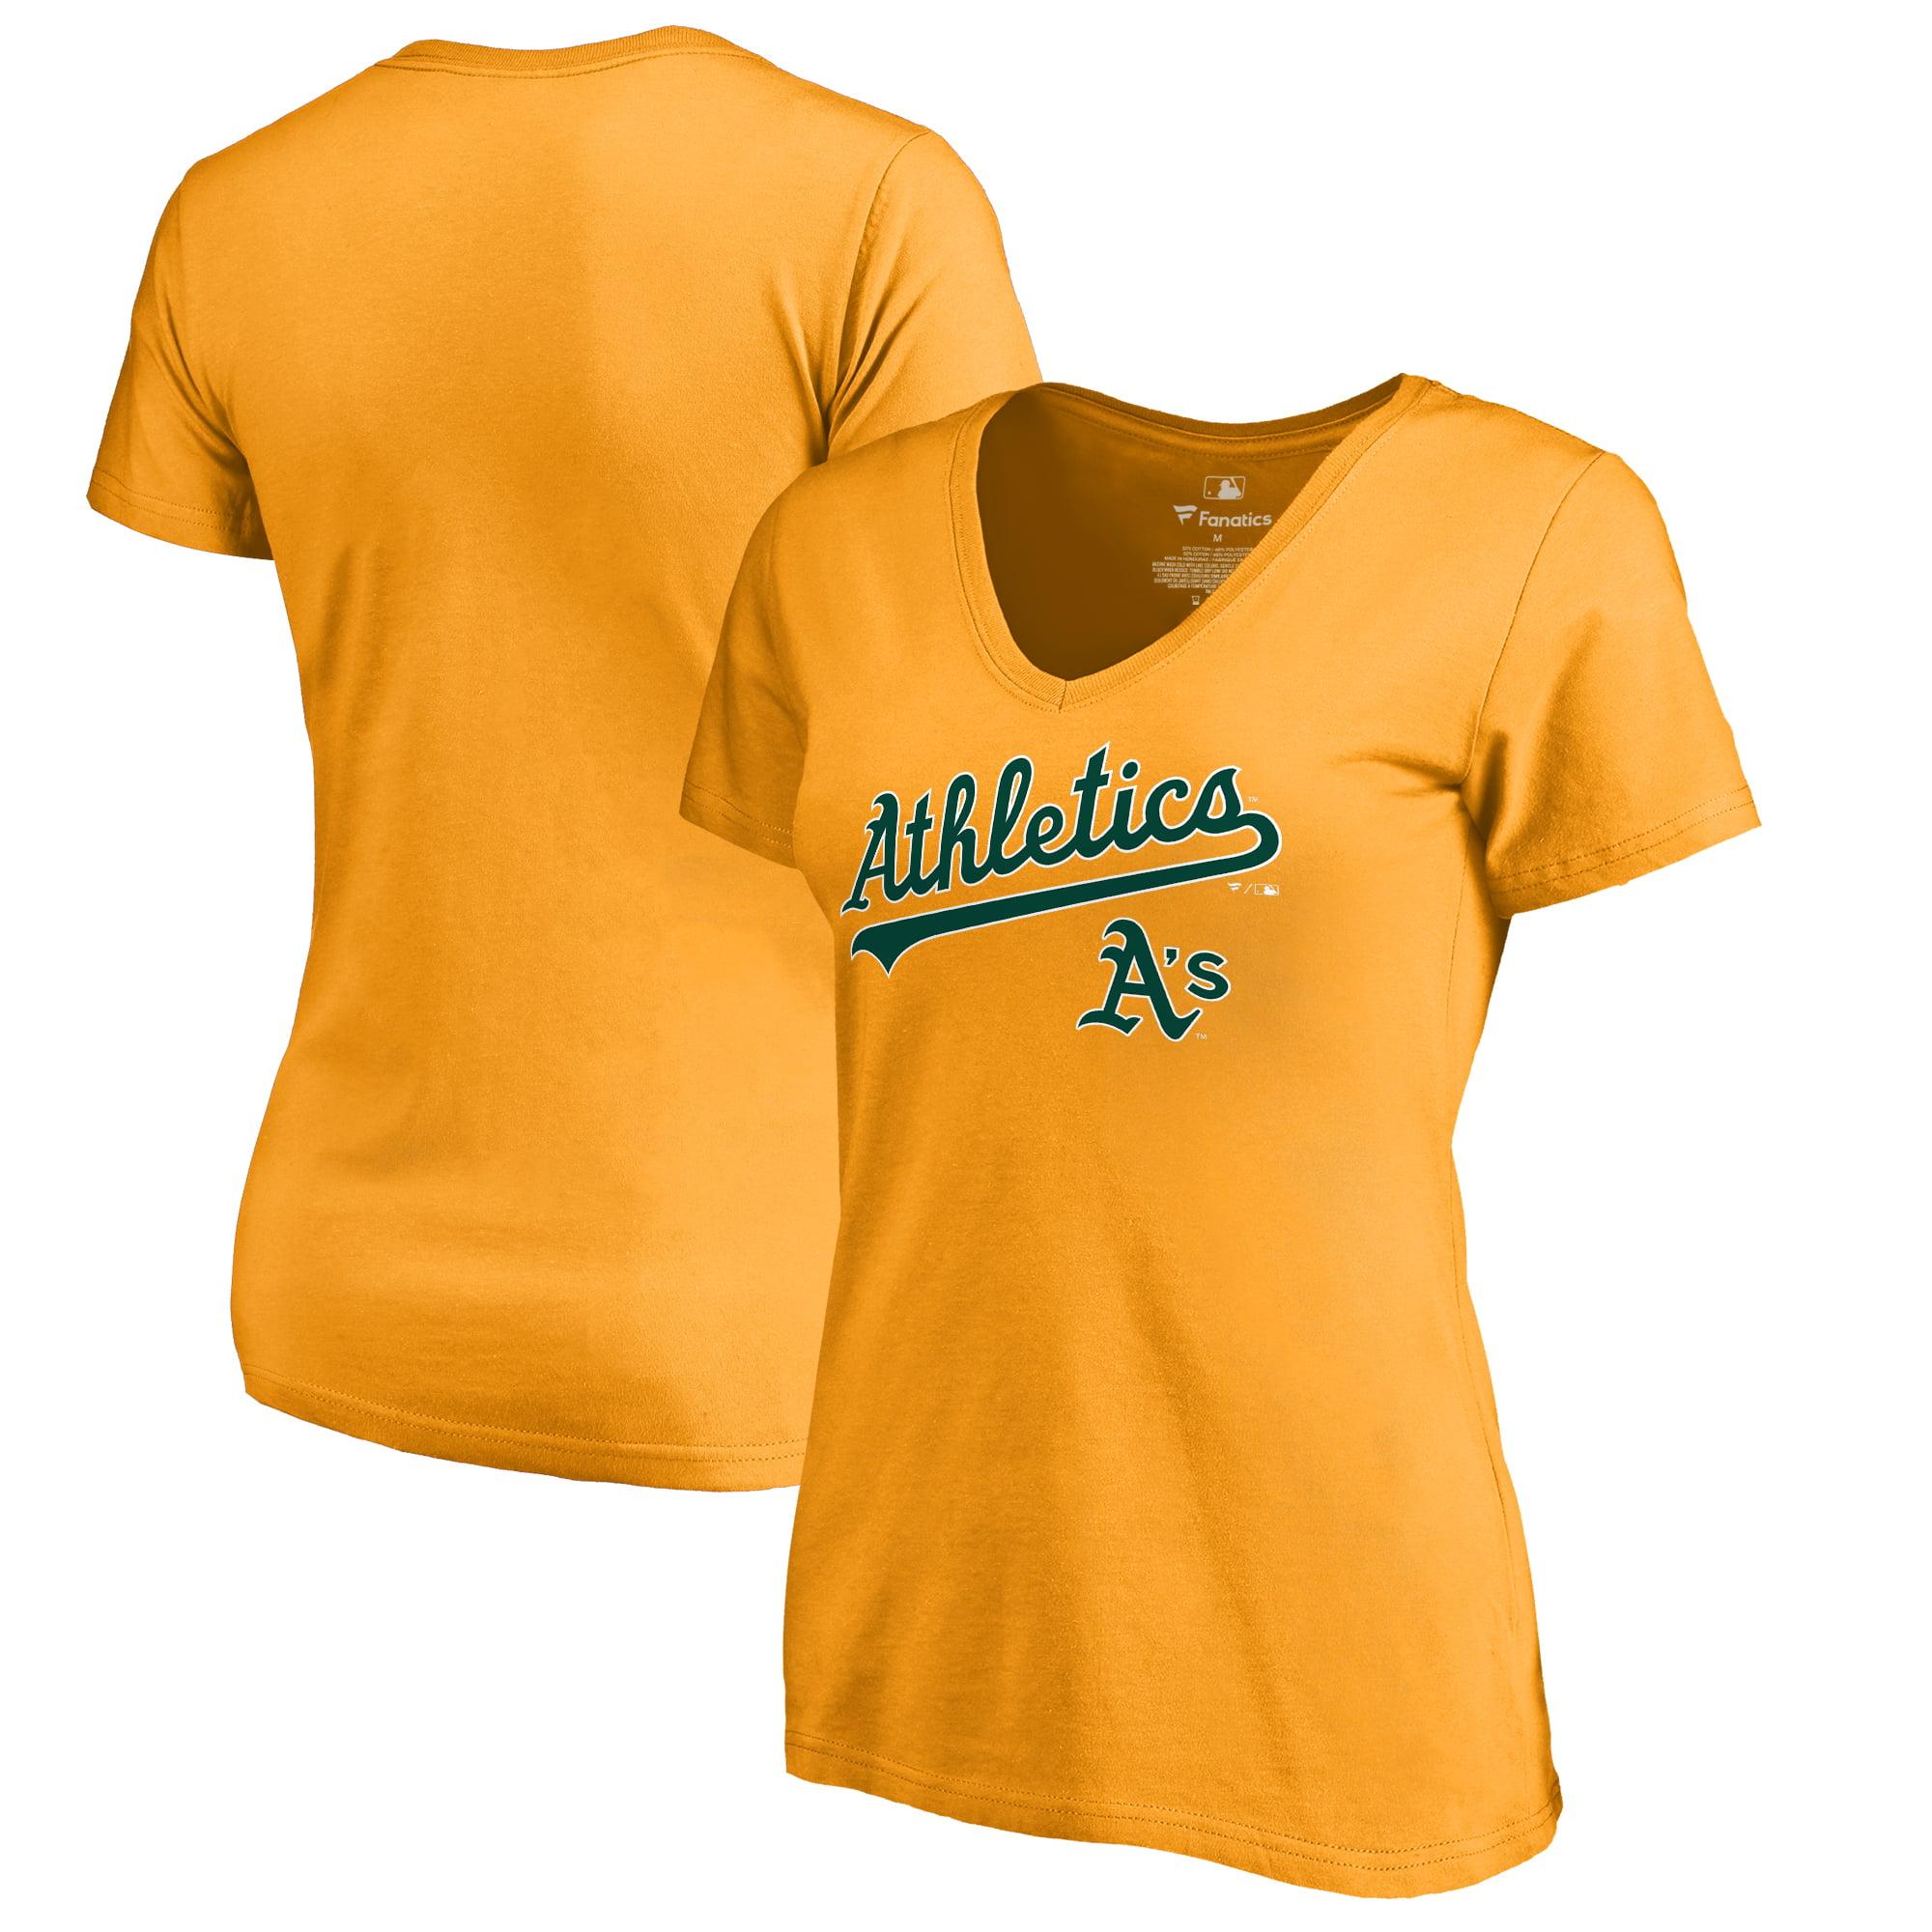 Oakland Athletics Fanatics Branded Women's Team Lockup T-Shirt - Gold